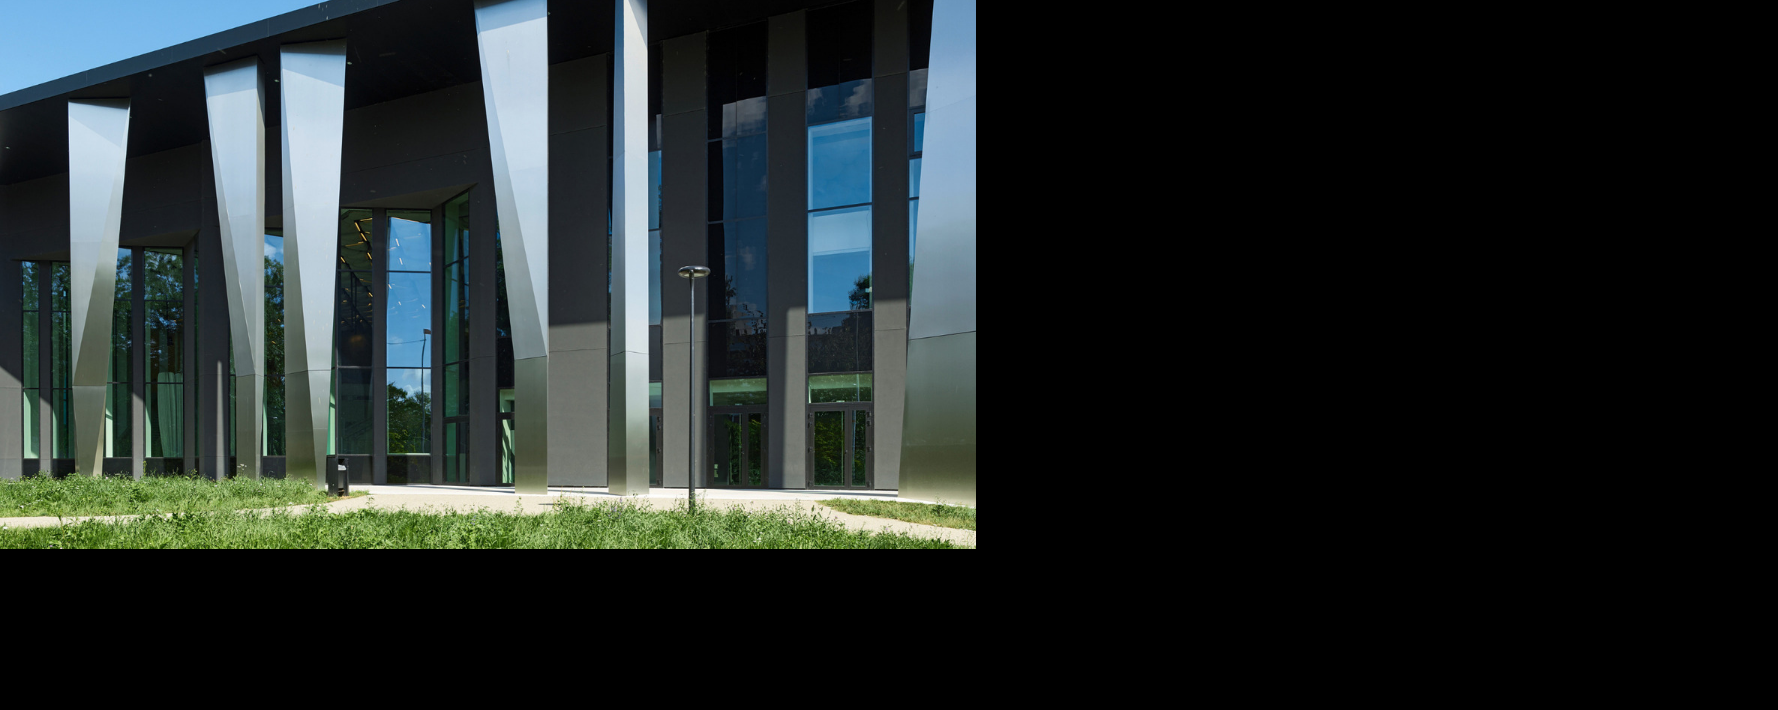 Façade en verre de contrôle solaire Saint-Gobain